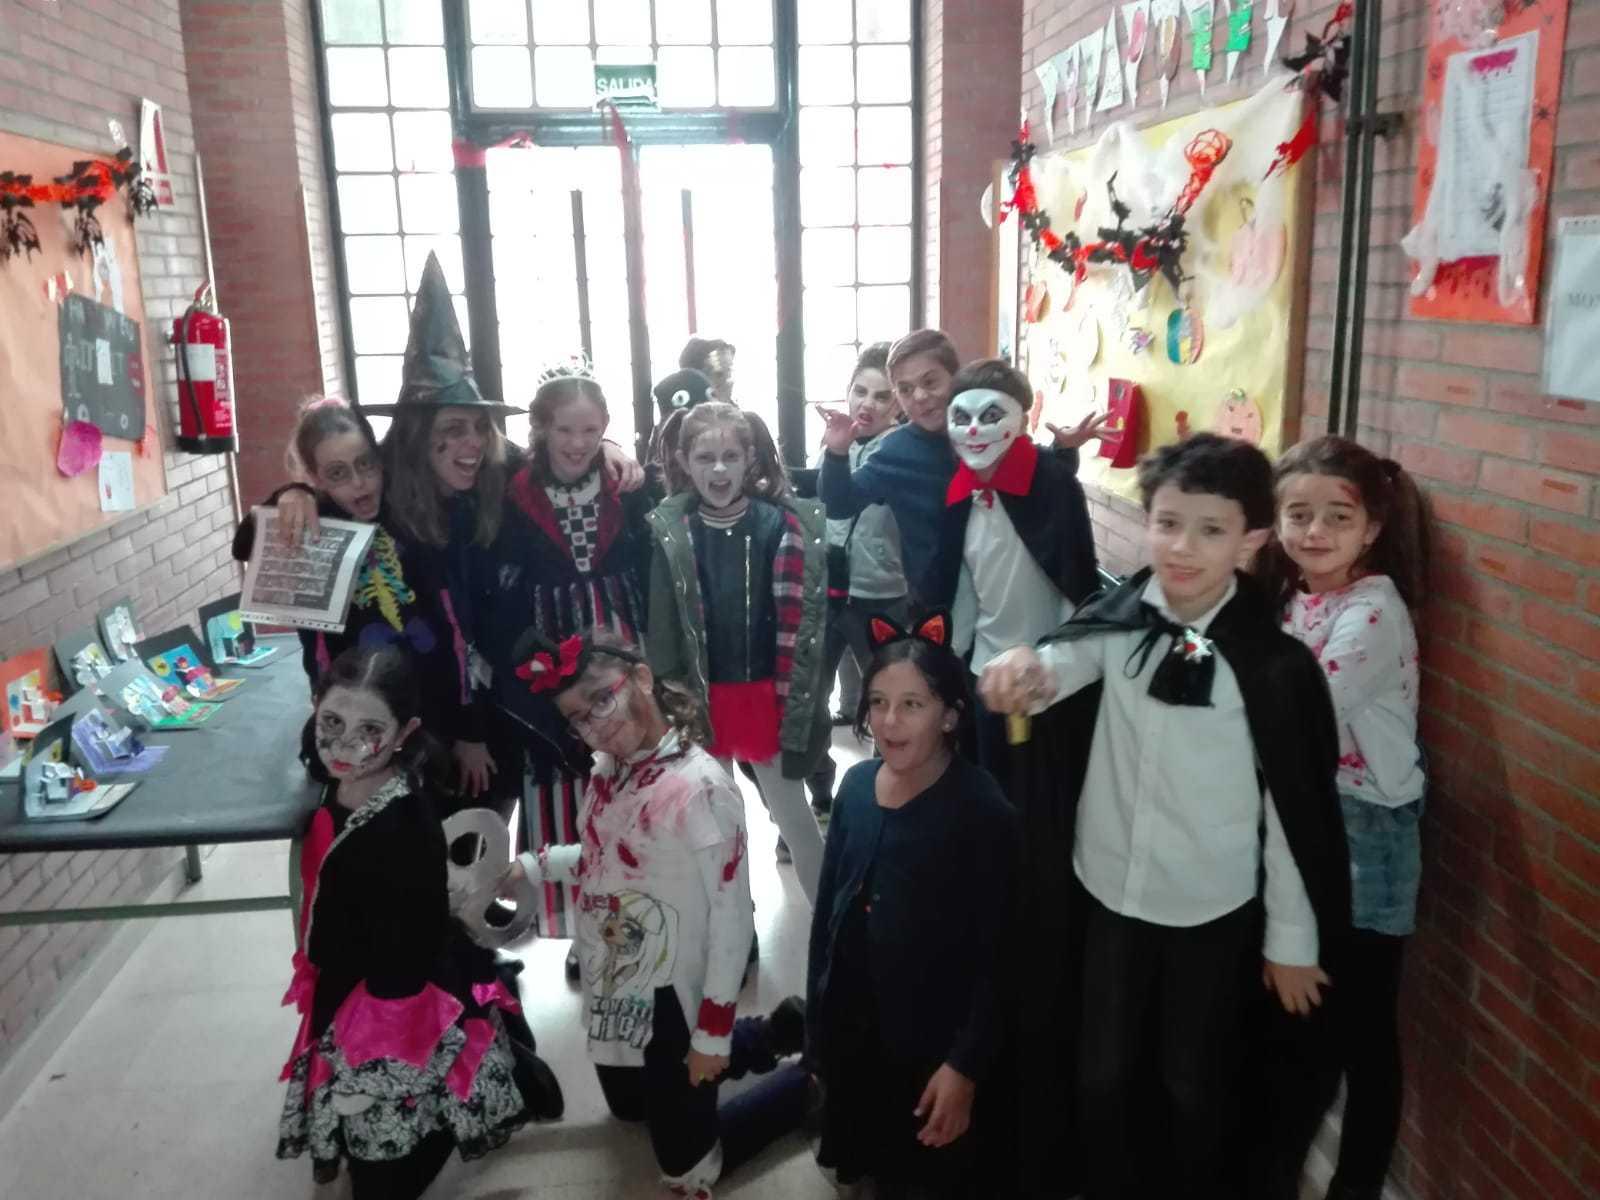 Quinto A celebra Halloween_CEIP Fernando de los Rios_Las Rozas 6